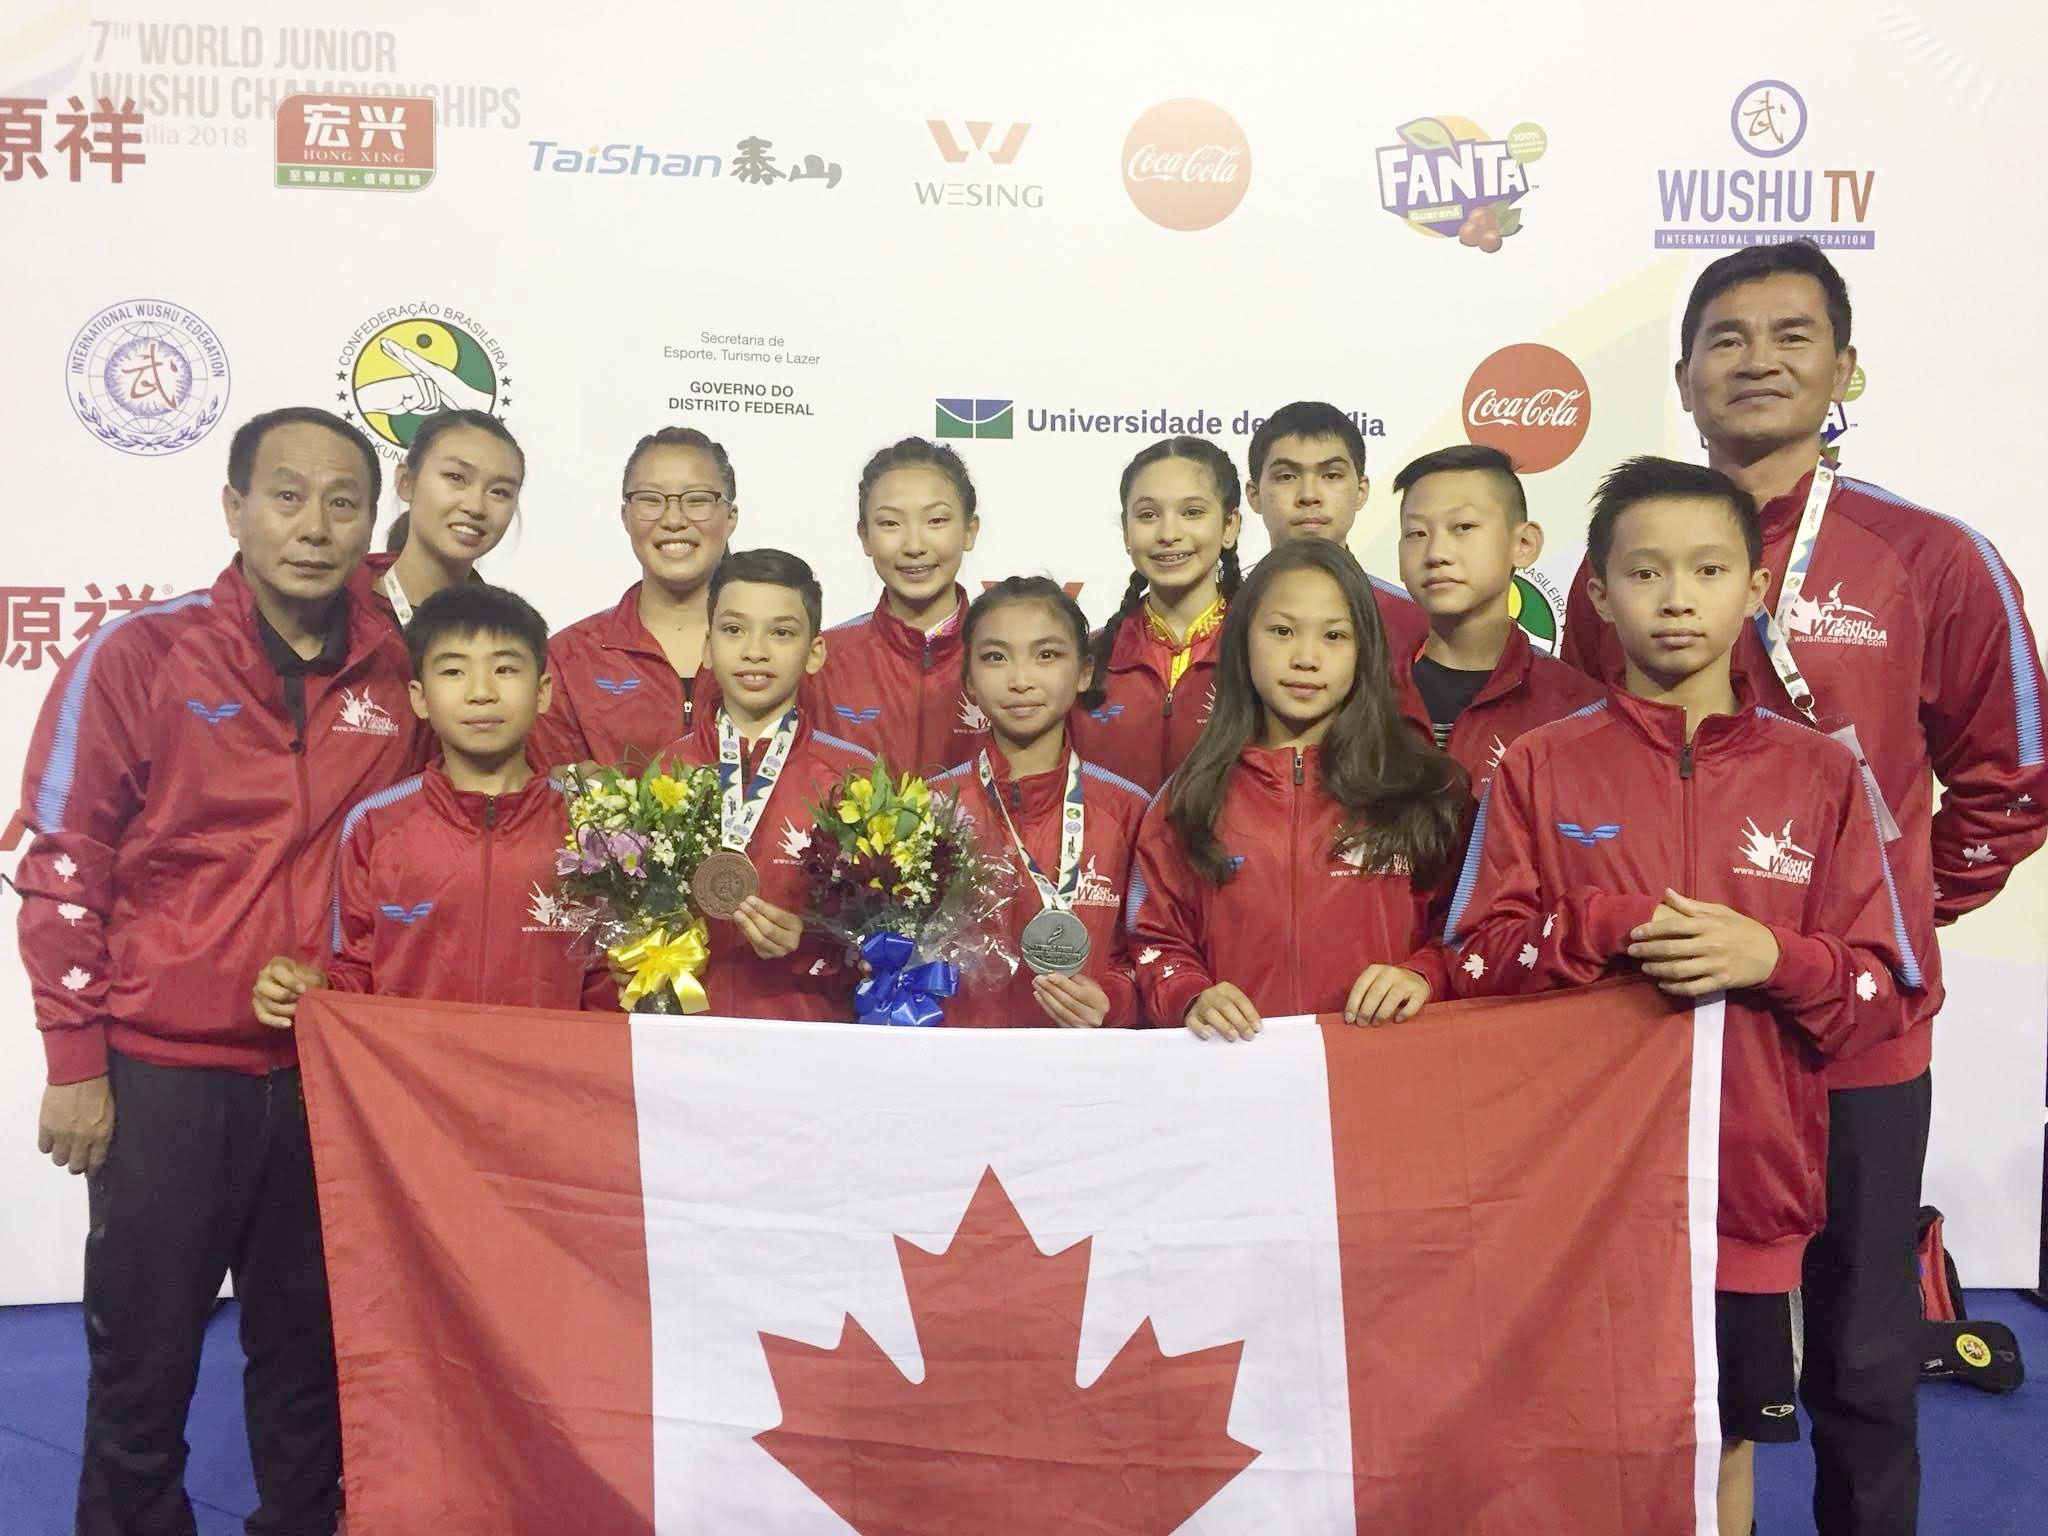 wayland-li-wushu-world-junior-wushu-brazil-team-canada-2018-27.jpg